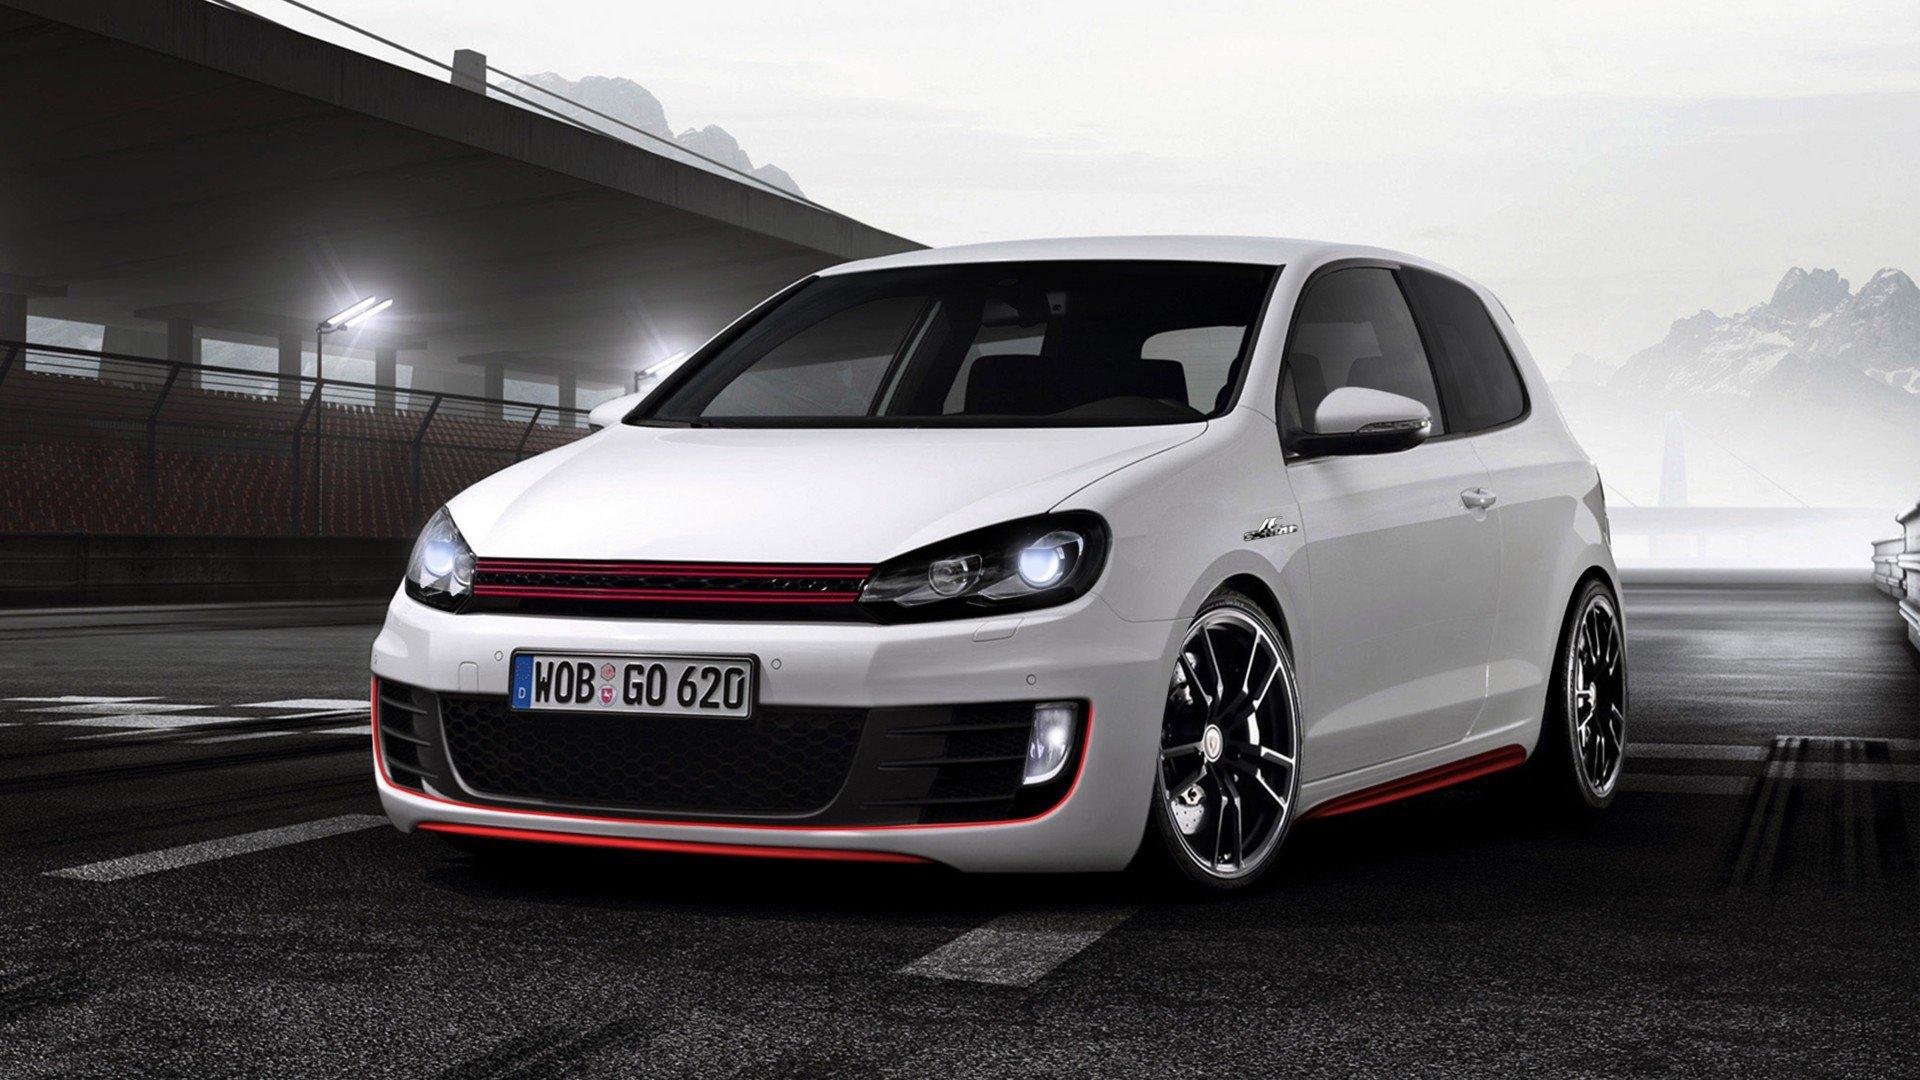 Volkswagen download wallpaper image